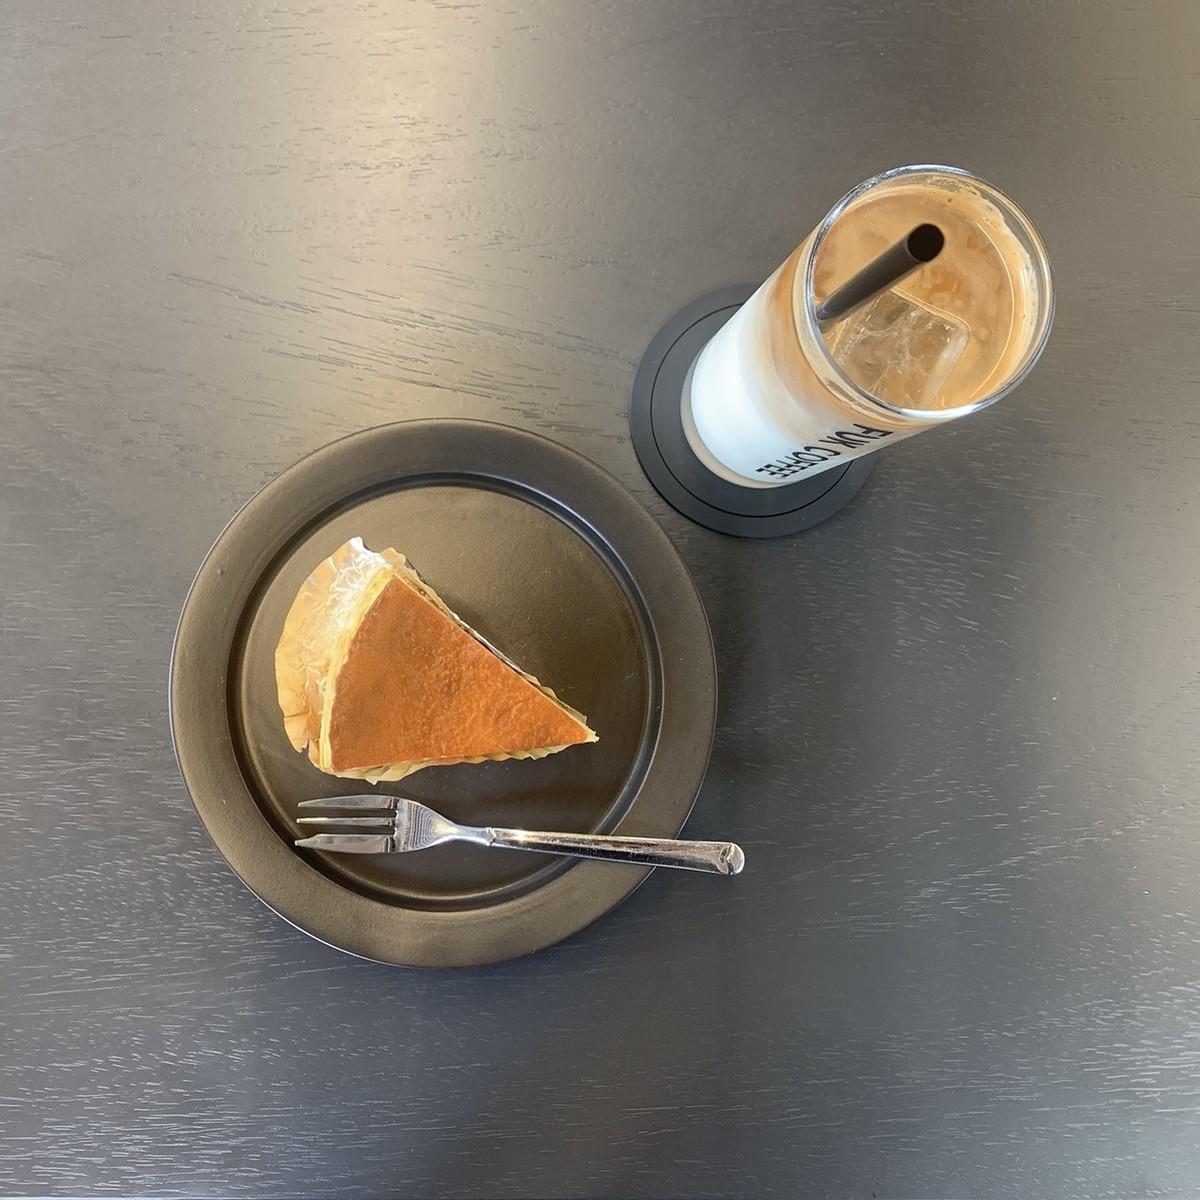 チーズケーキ アイスカフェラテ